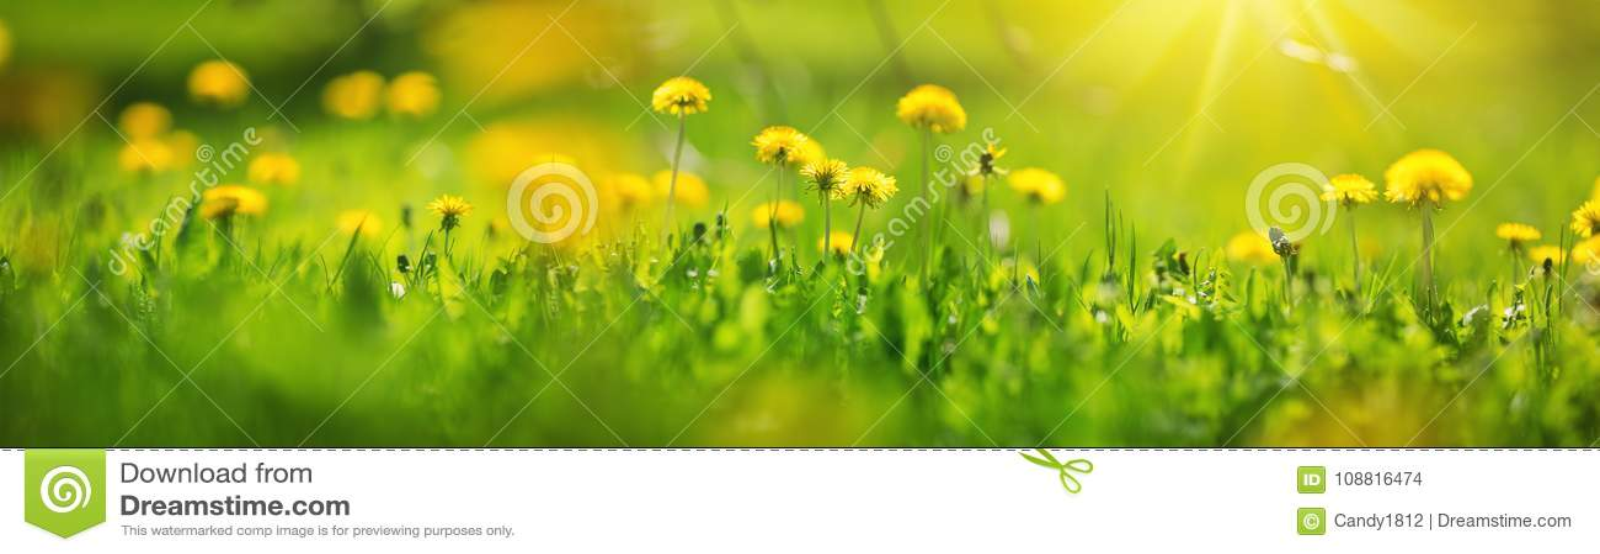 Sätta in med maskrosor Closeup av gula vårblommor